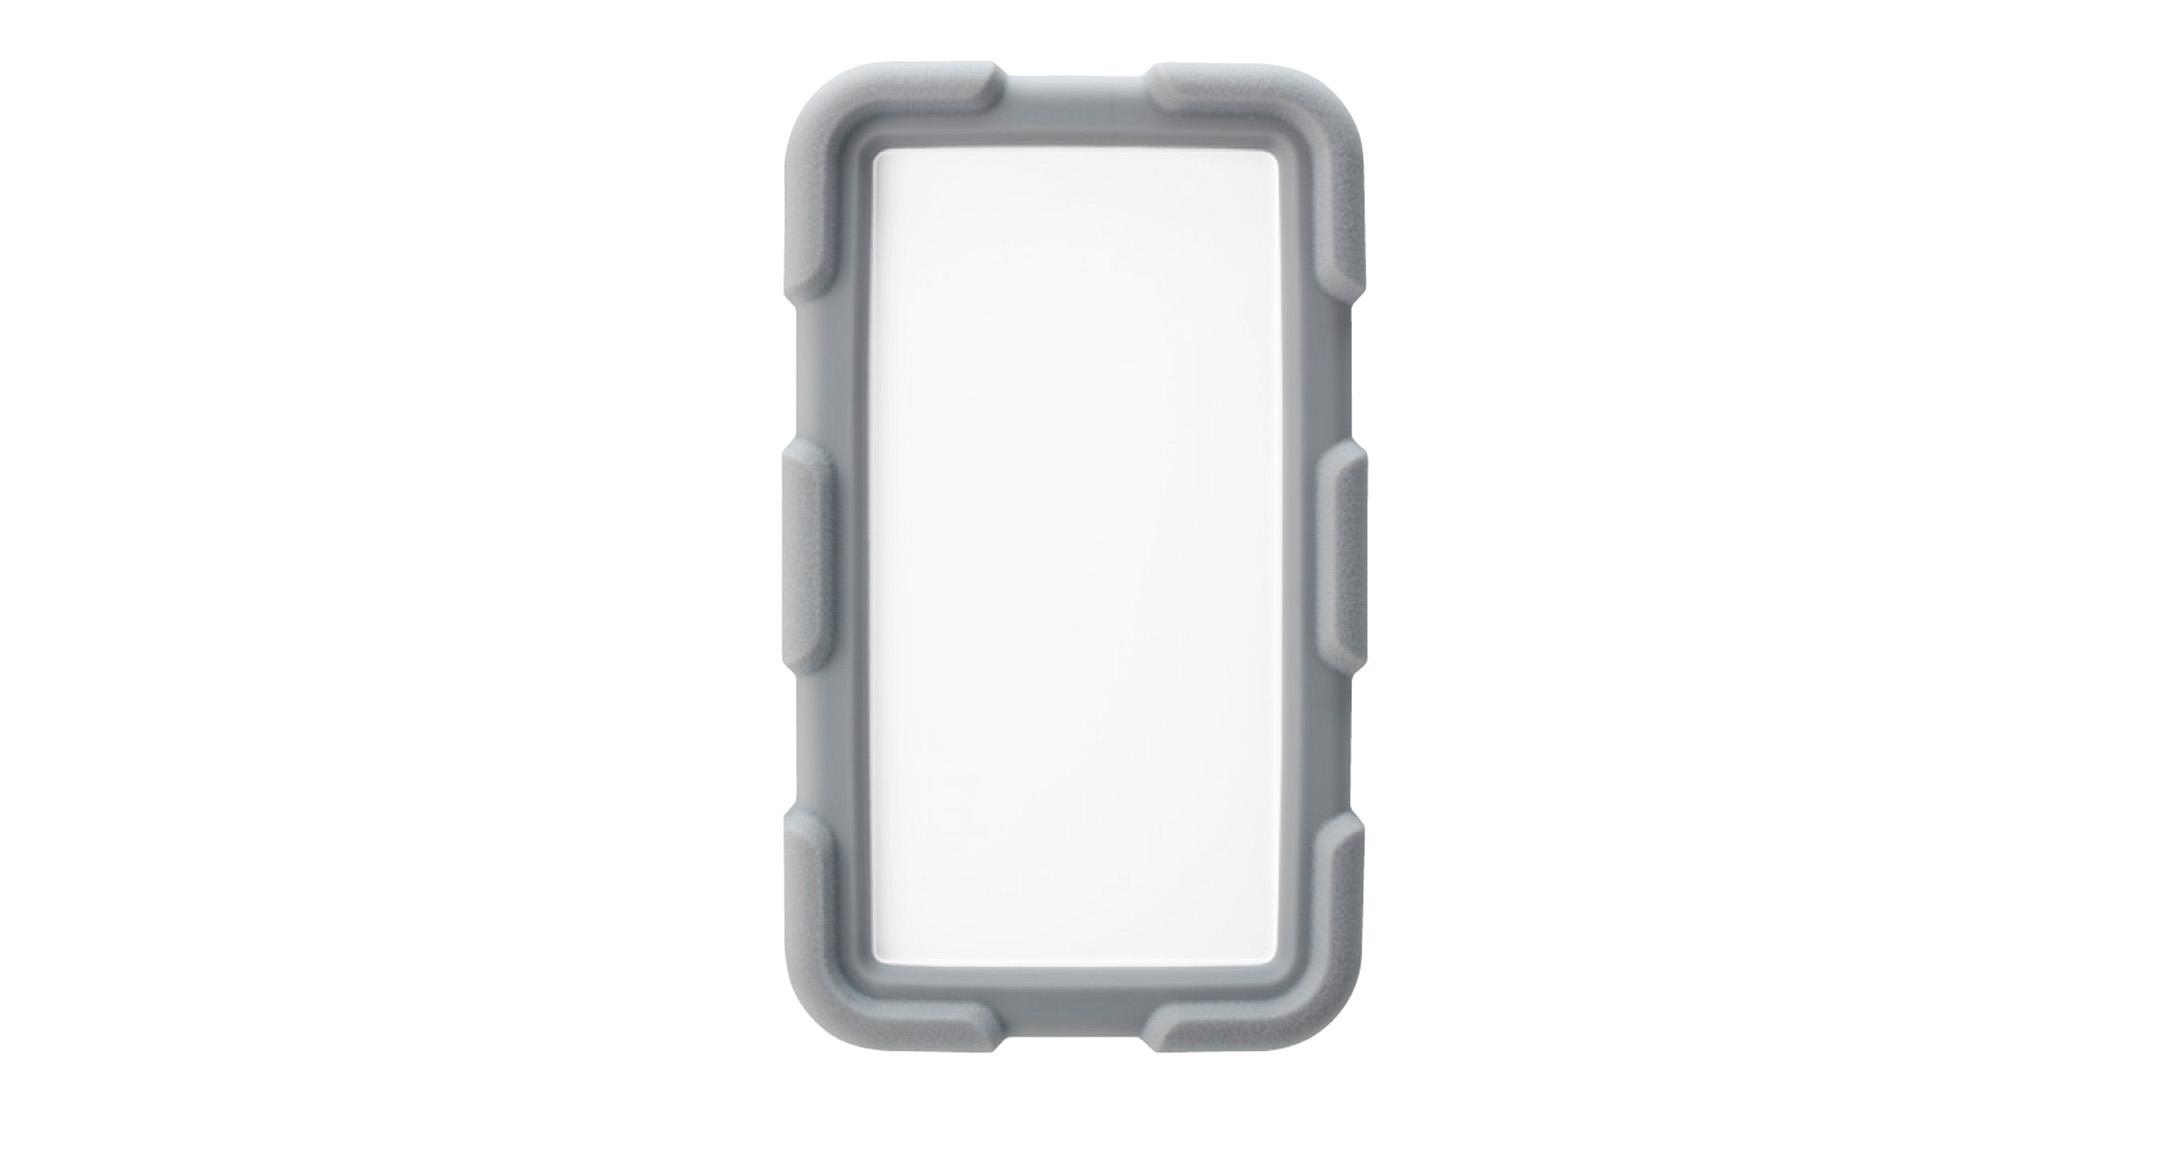 耐衝撃シリコンカバー付プラスチックケース LCTシリーズ:オフホワイト/ライトグレーの画像